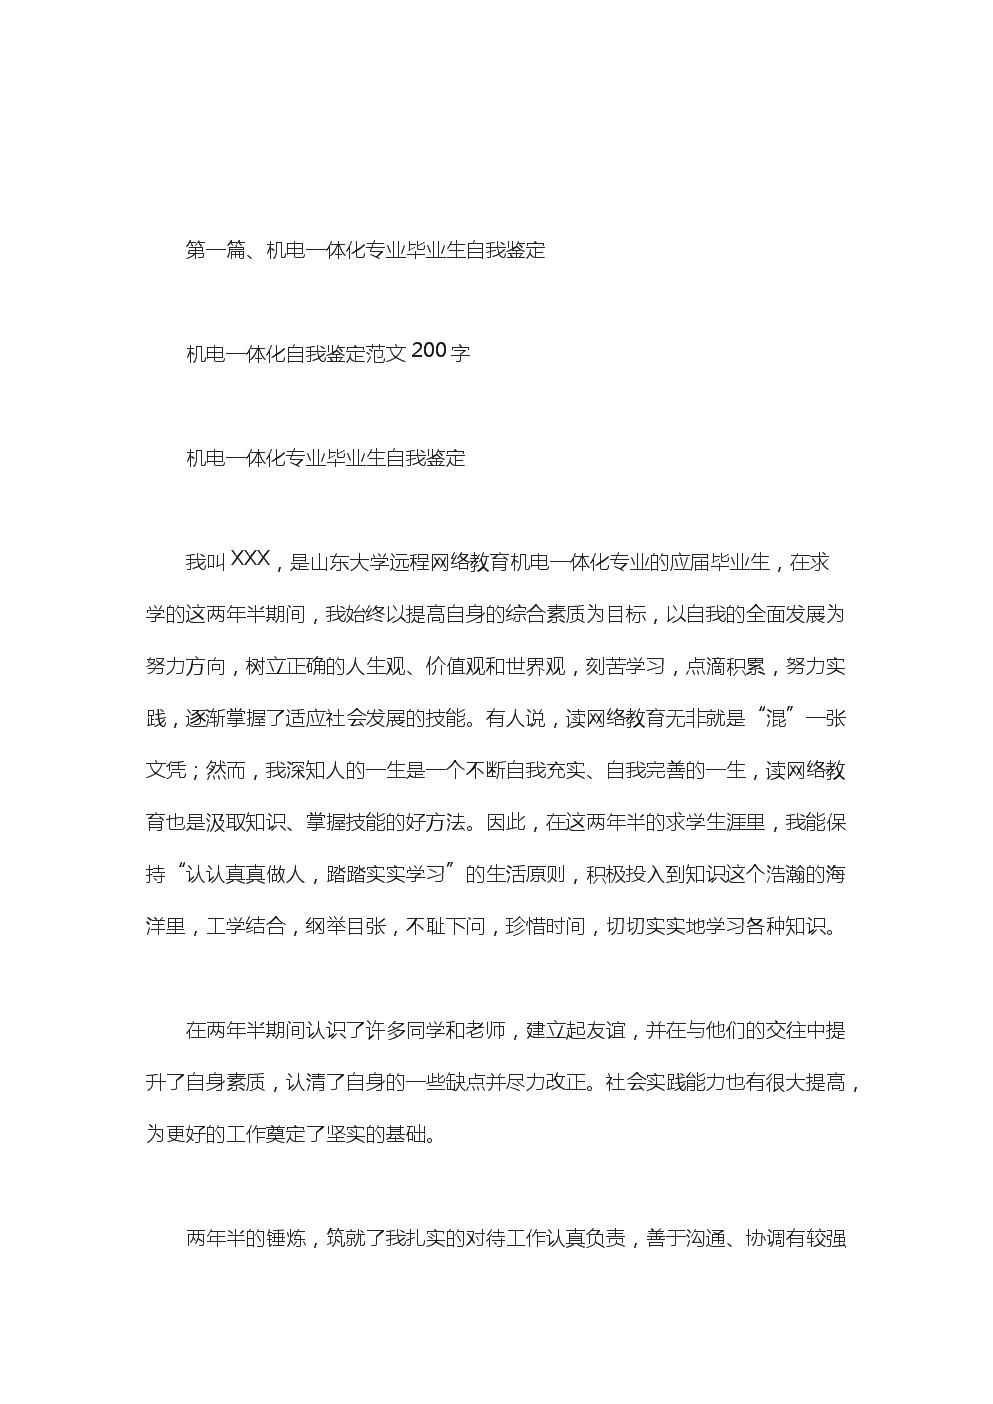 机电一体化自我鉴定范文200字.doc